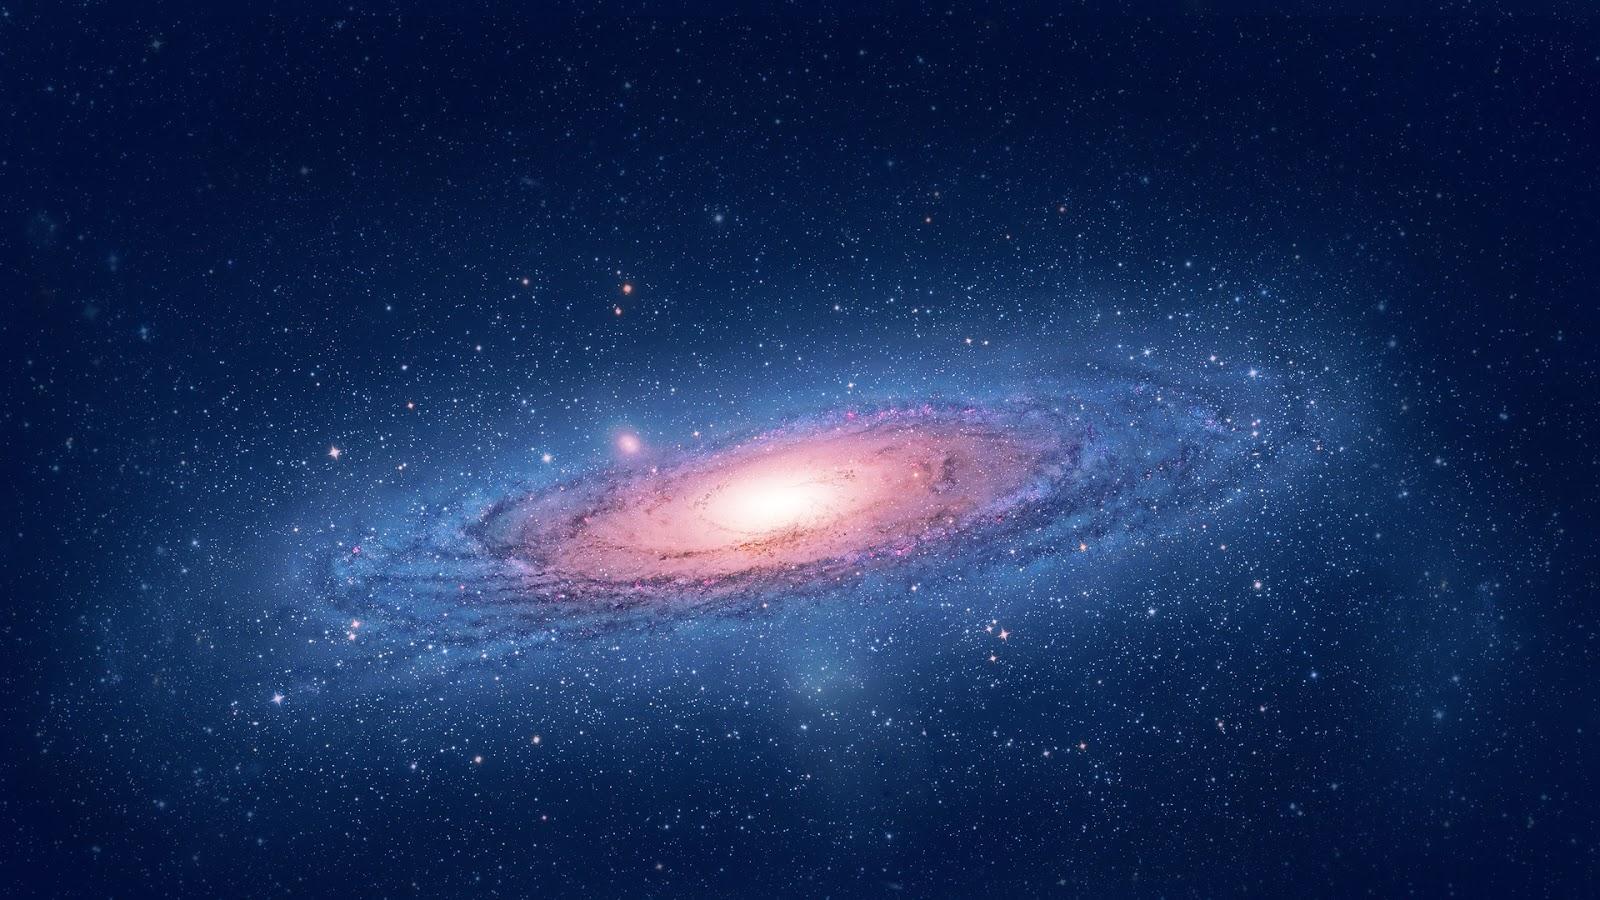 Andromeda Galaxy - Wallpaper HD | Earth Blog